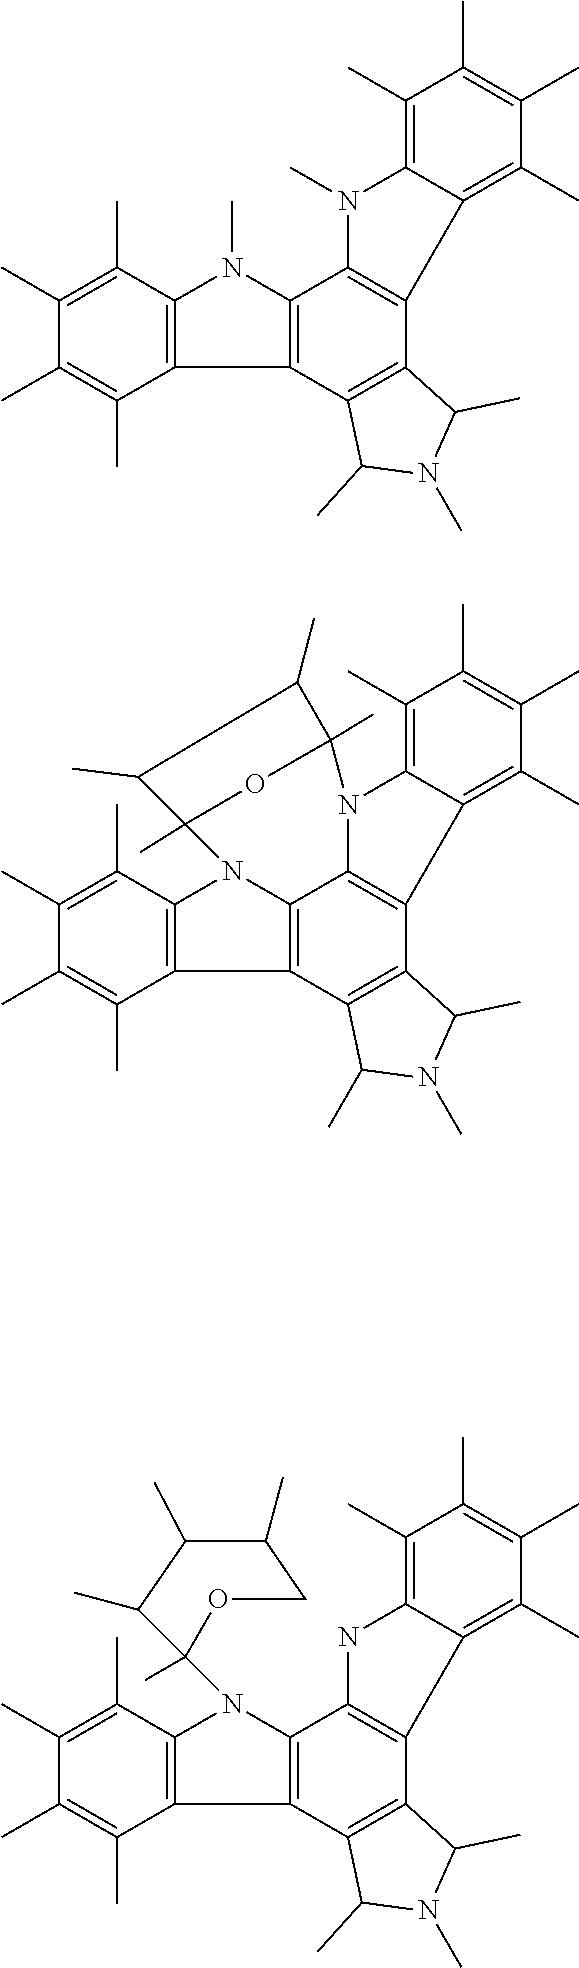 Figure US08430105-20130430-C00002